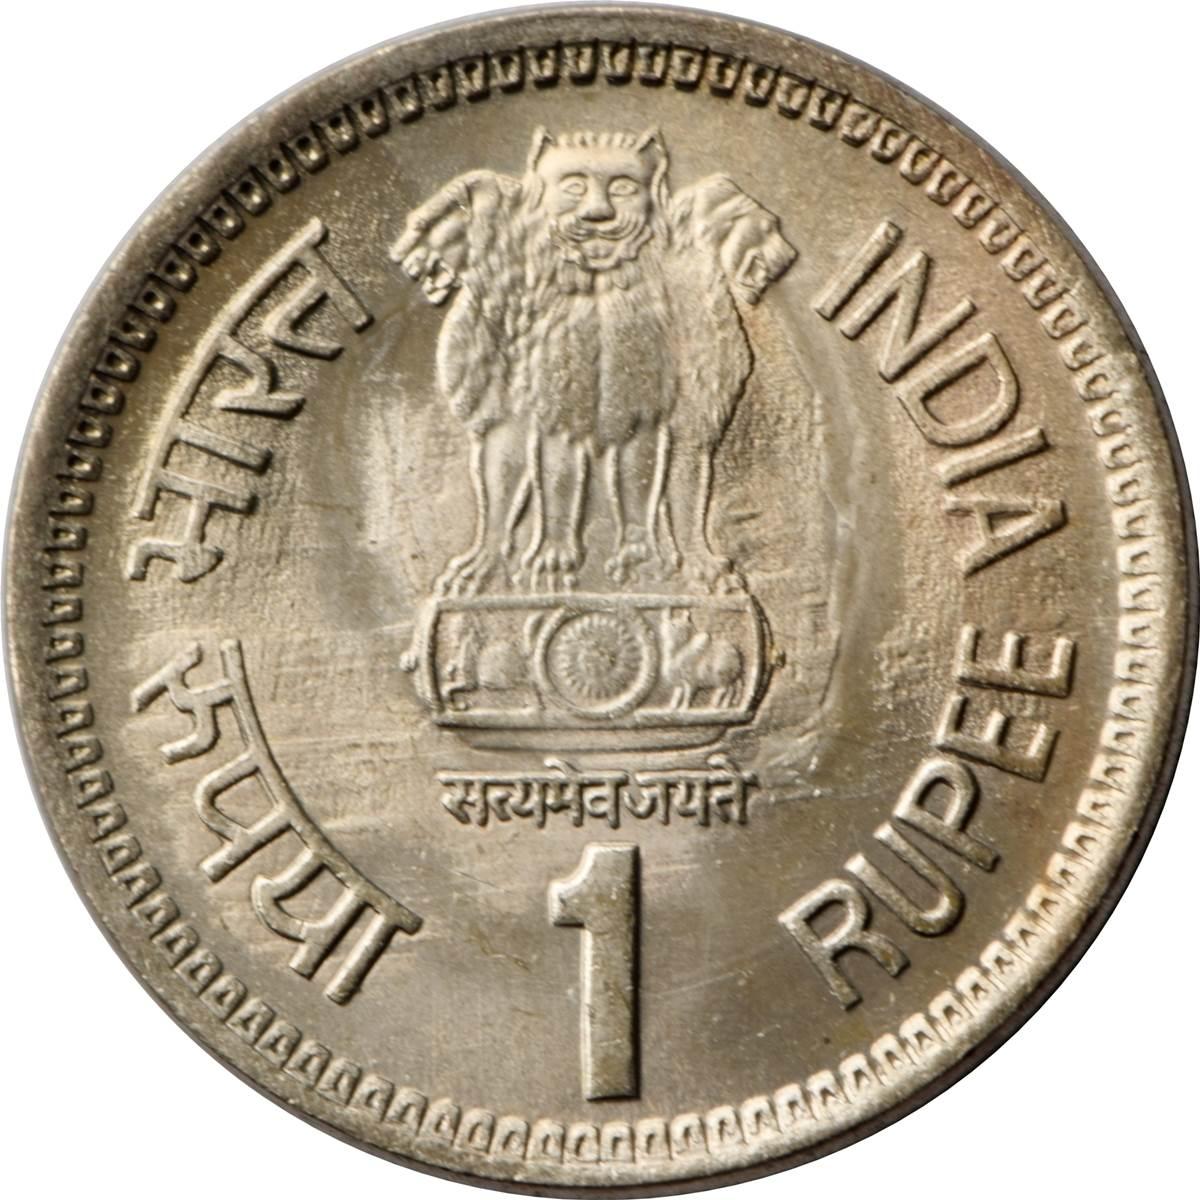 1959 Nickel Error